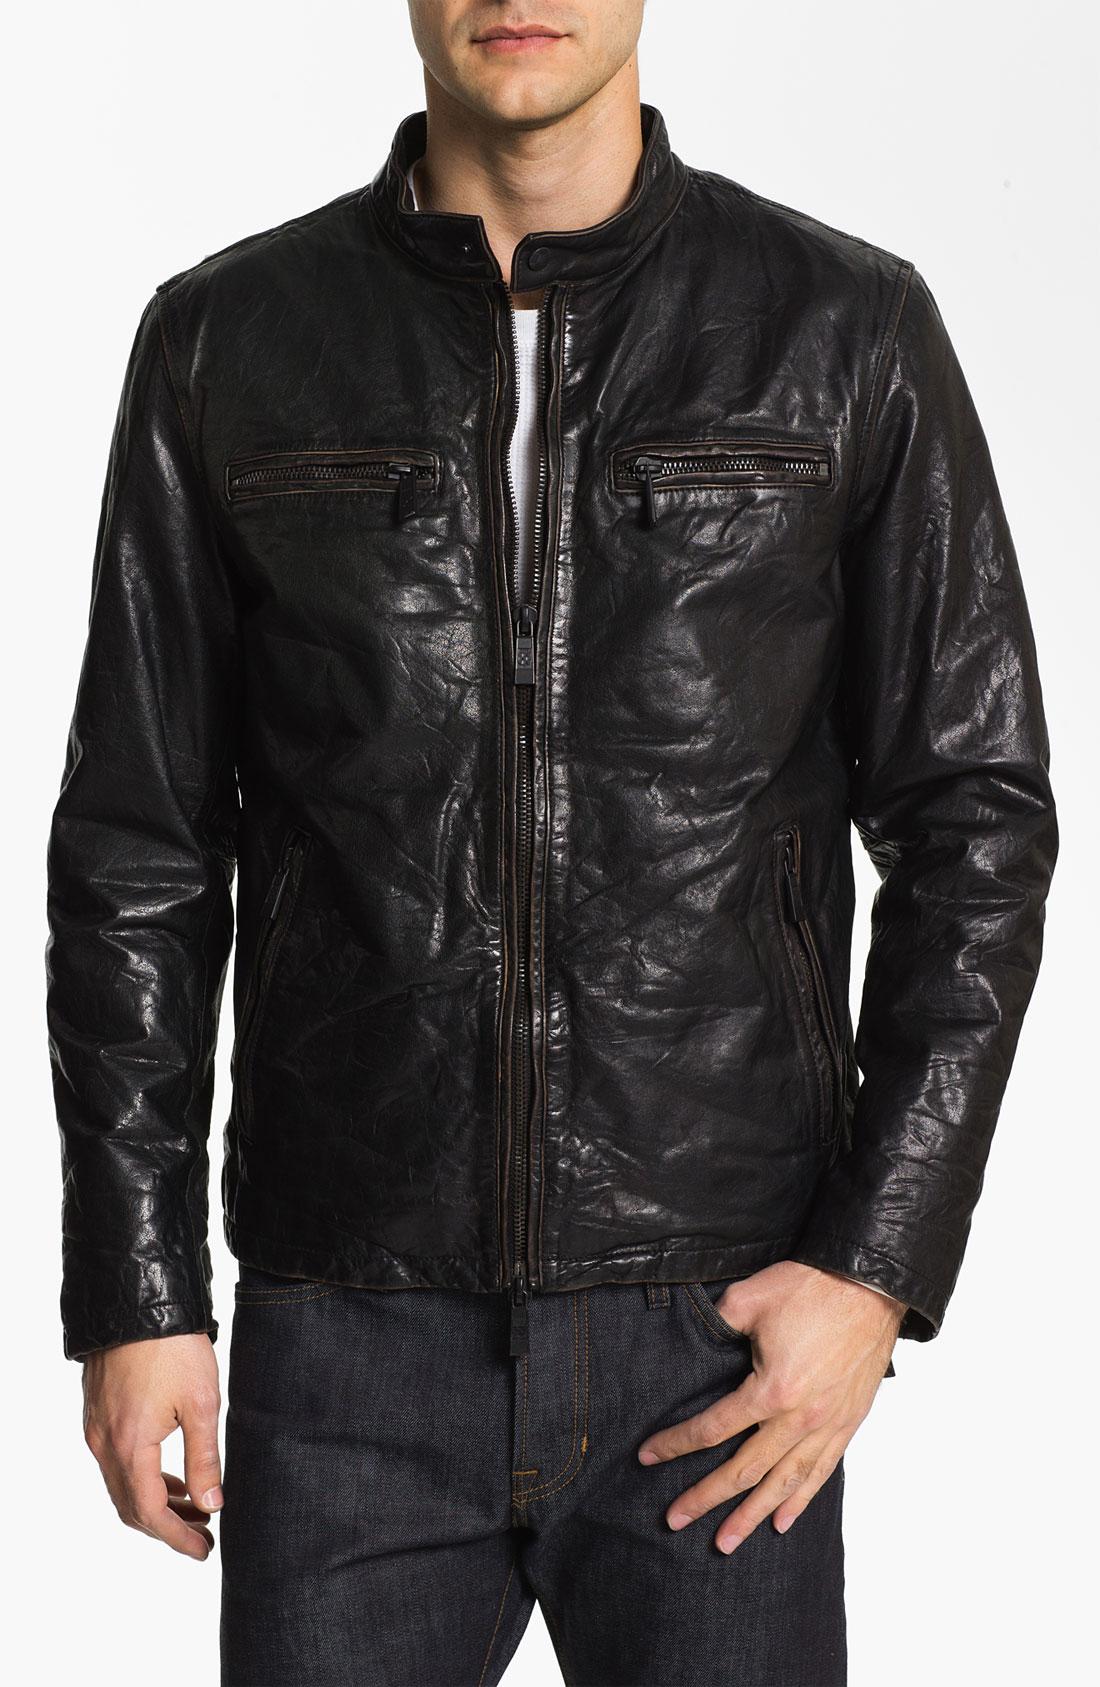 Vince black leather jacket